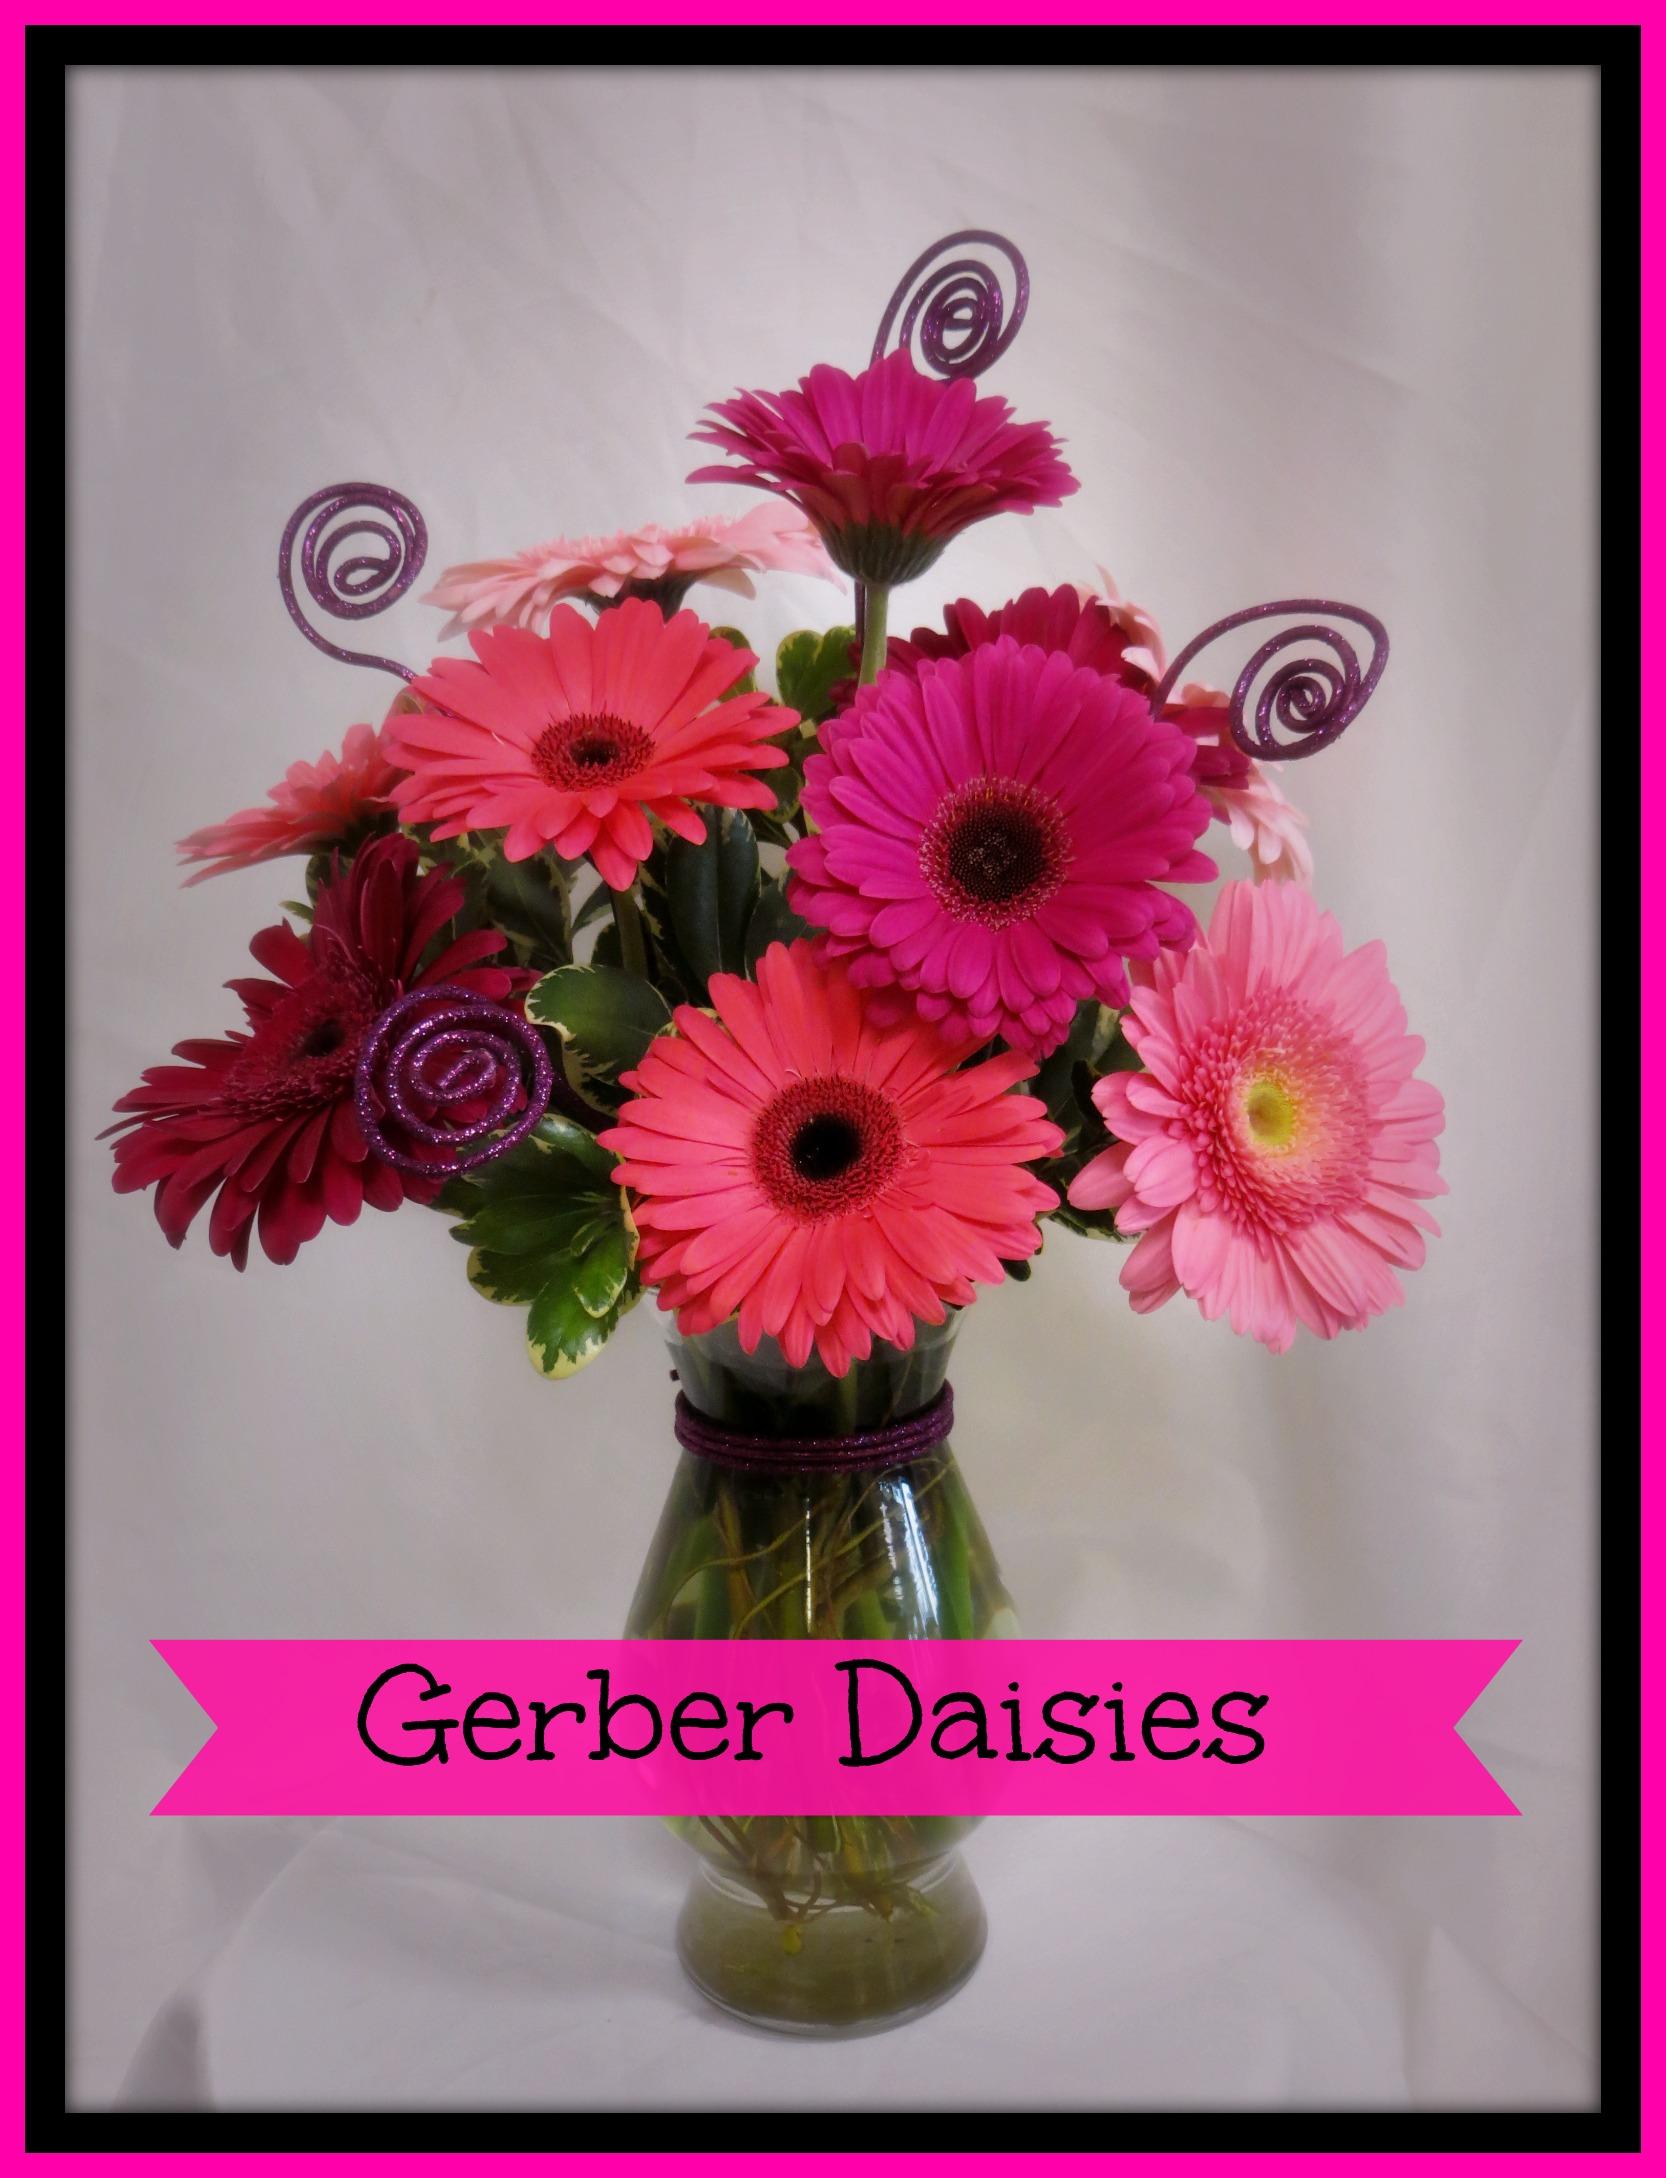 deer-park-florist-gerbera-daisies.jpg